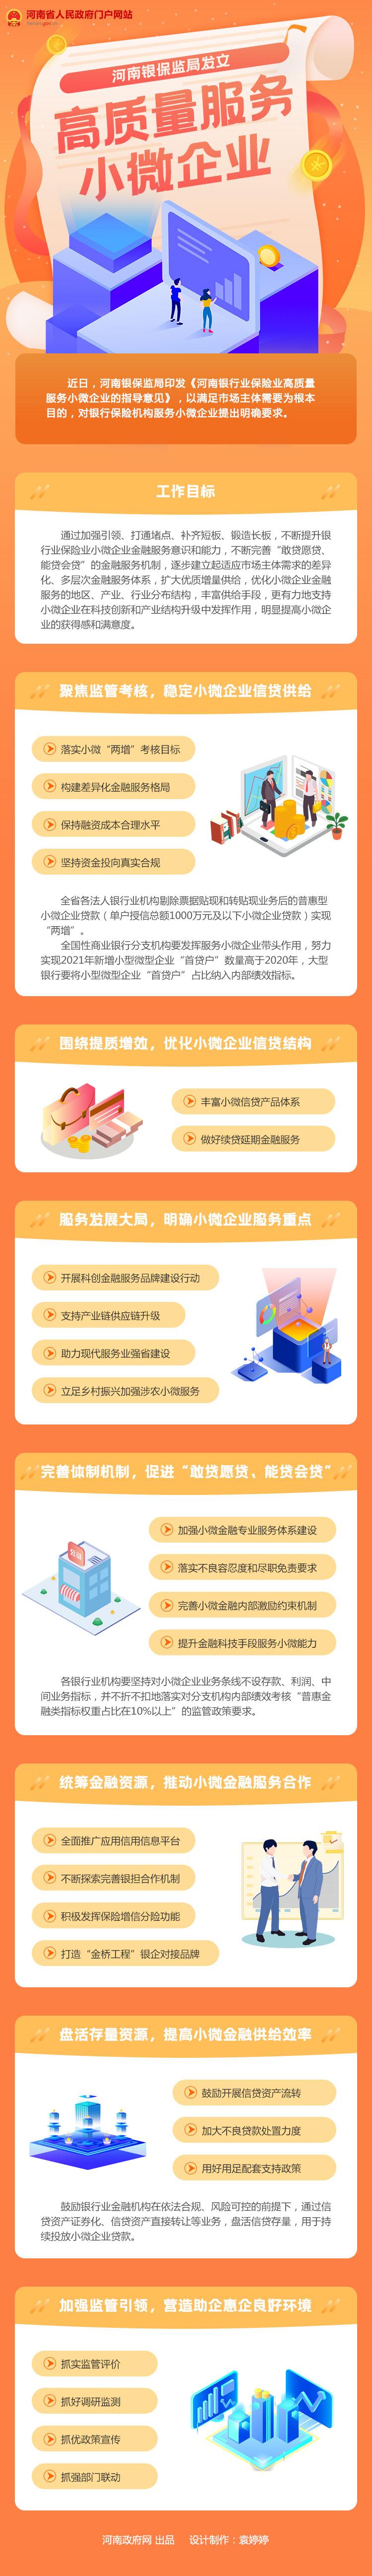 图解:河南银保监局发文 高质量服务小微企业